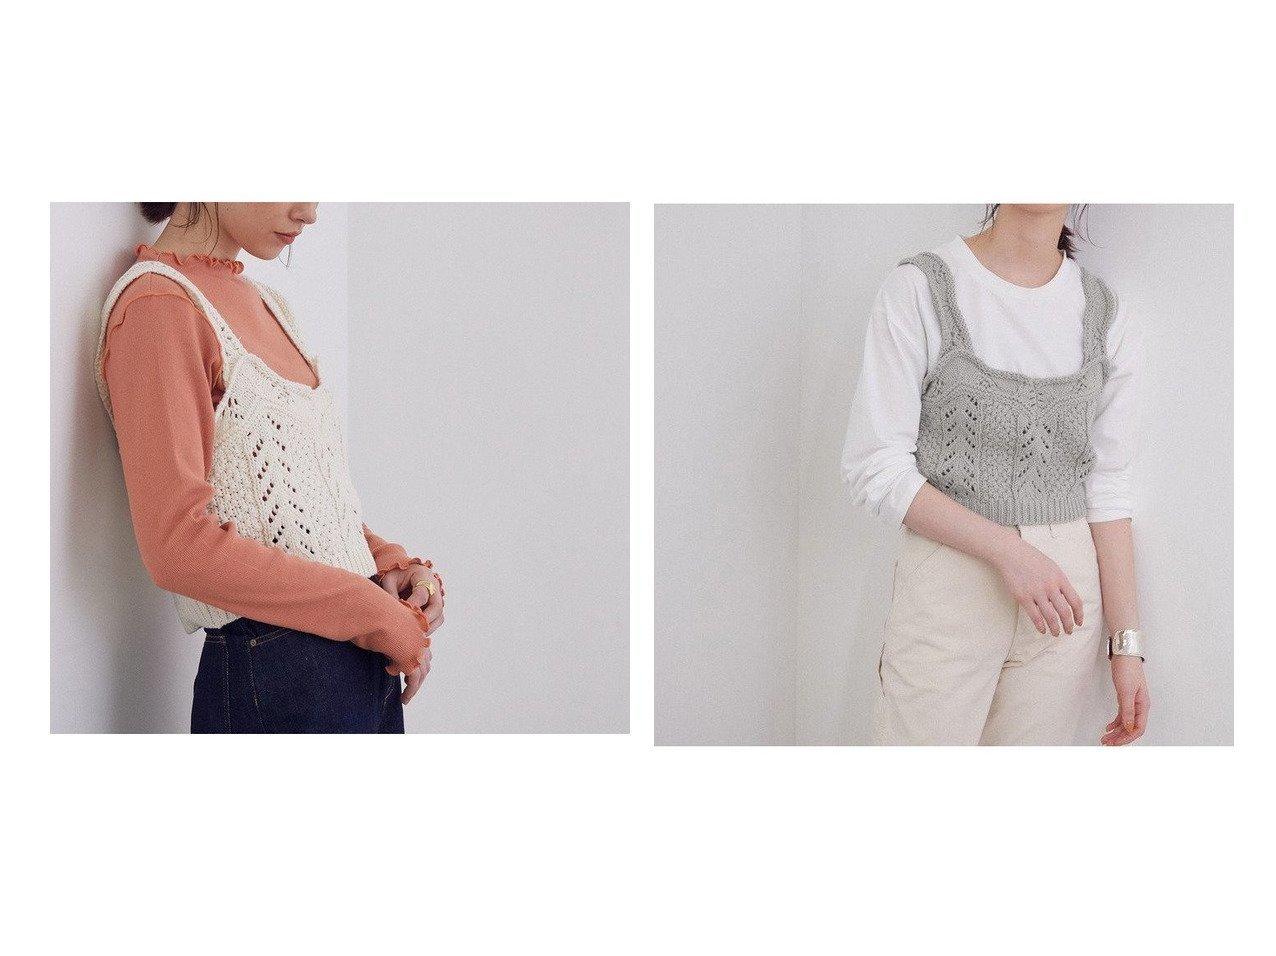 【ROPE' mademoiselle/ロペ マドモアゼル】の【セット対応】スプリングケーブル編みニットビスチェ ロペのおすすめ!人気、トレンド・レディースファッションの通販 おすすめで人気の流行・トレンド、ファッションの通販商品 メンズファッション・キッズファッション・インテリア・家具・レディースファッション・服の通販 founy(ファニー) https://founy.com/ ファッション Fashion レディースファッション WOMEN トップス カットソー Tops Tshirt ニット Knit Tops ビスチェ Bustier アクリル アンサンブル カーディガン シンプル スタンダード スプリング バランス フェミニン ボトム ポケット マキシ おすすめ Recommend  ID:crp329100000021521